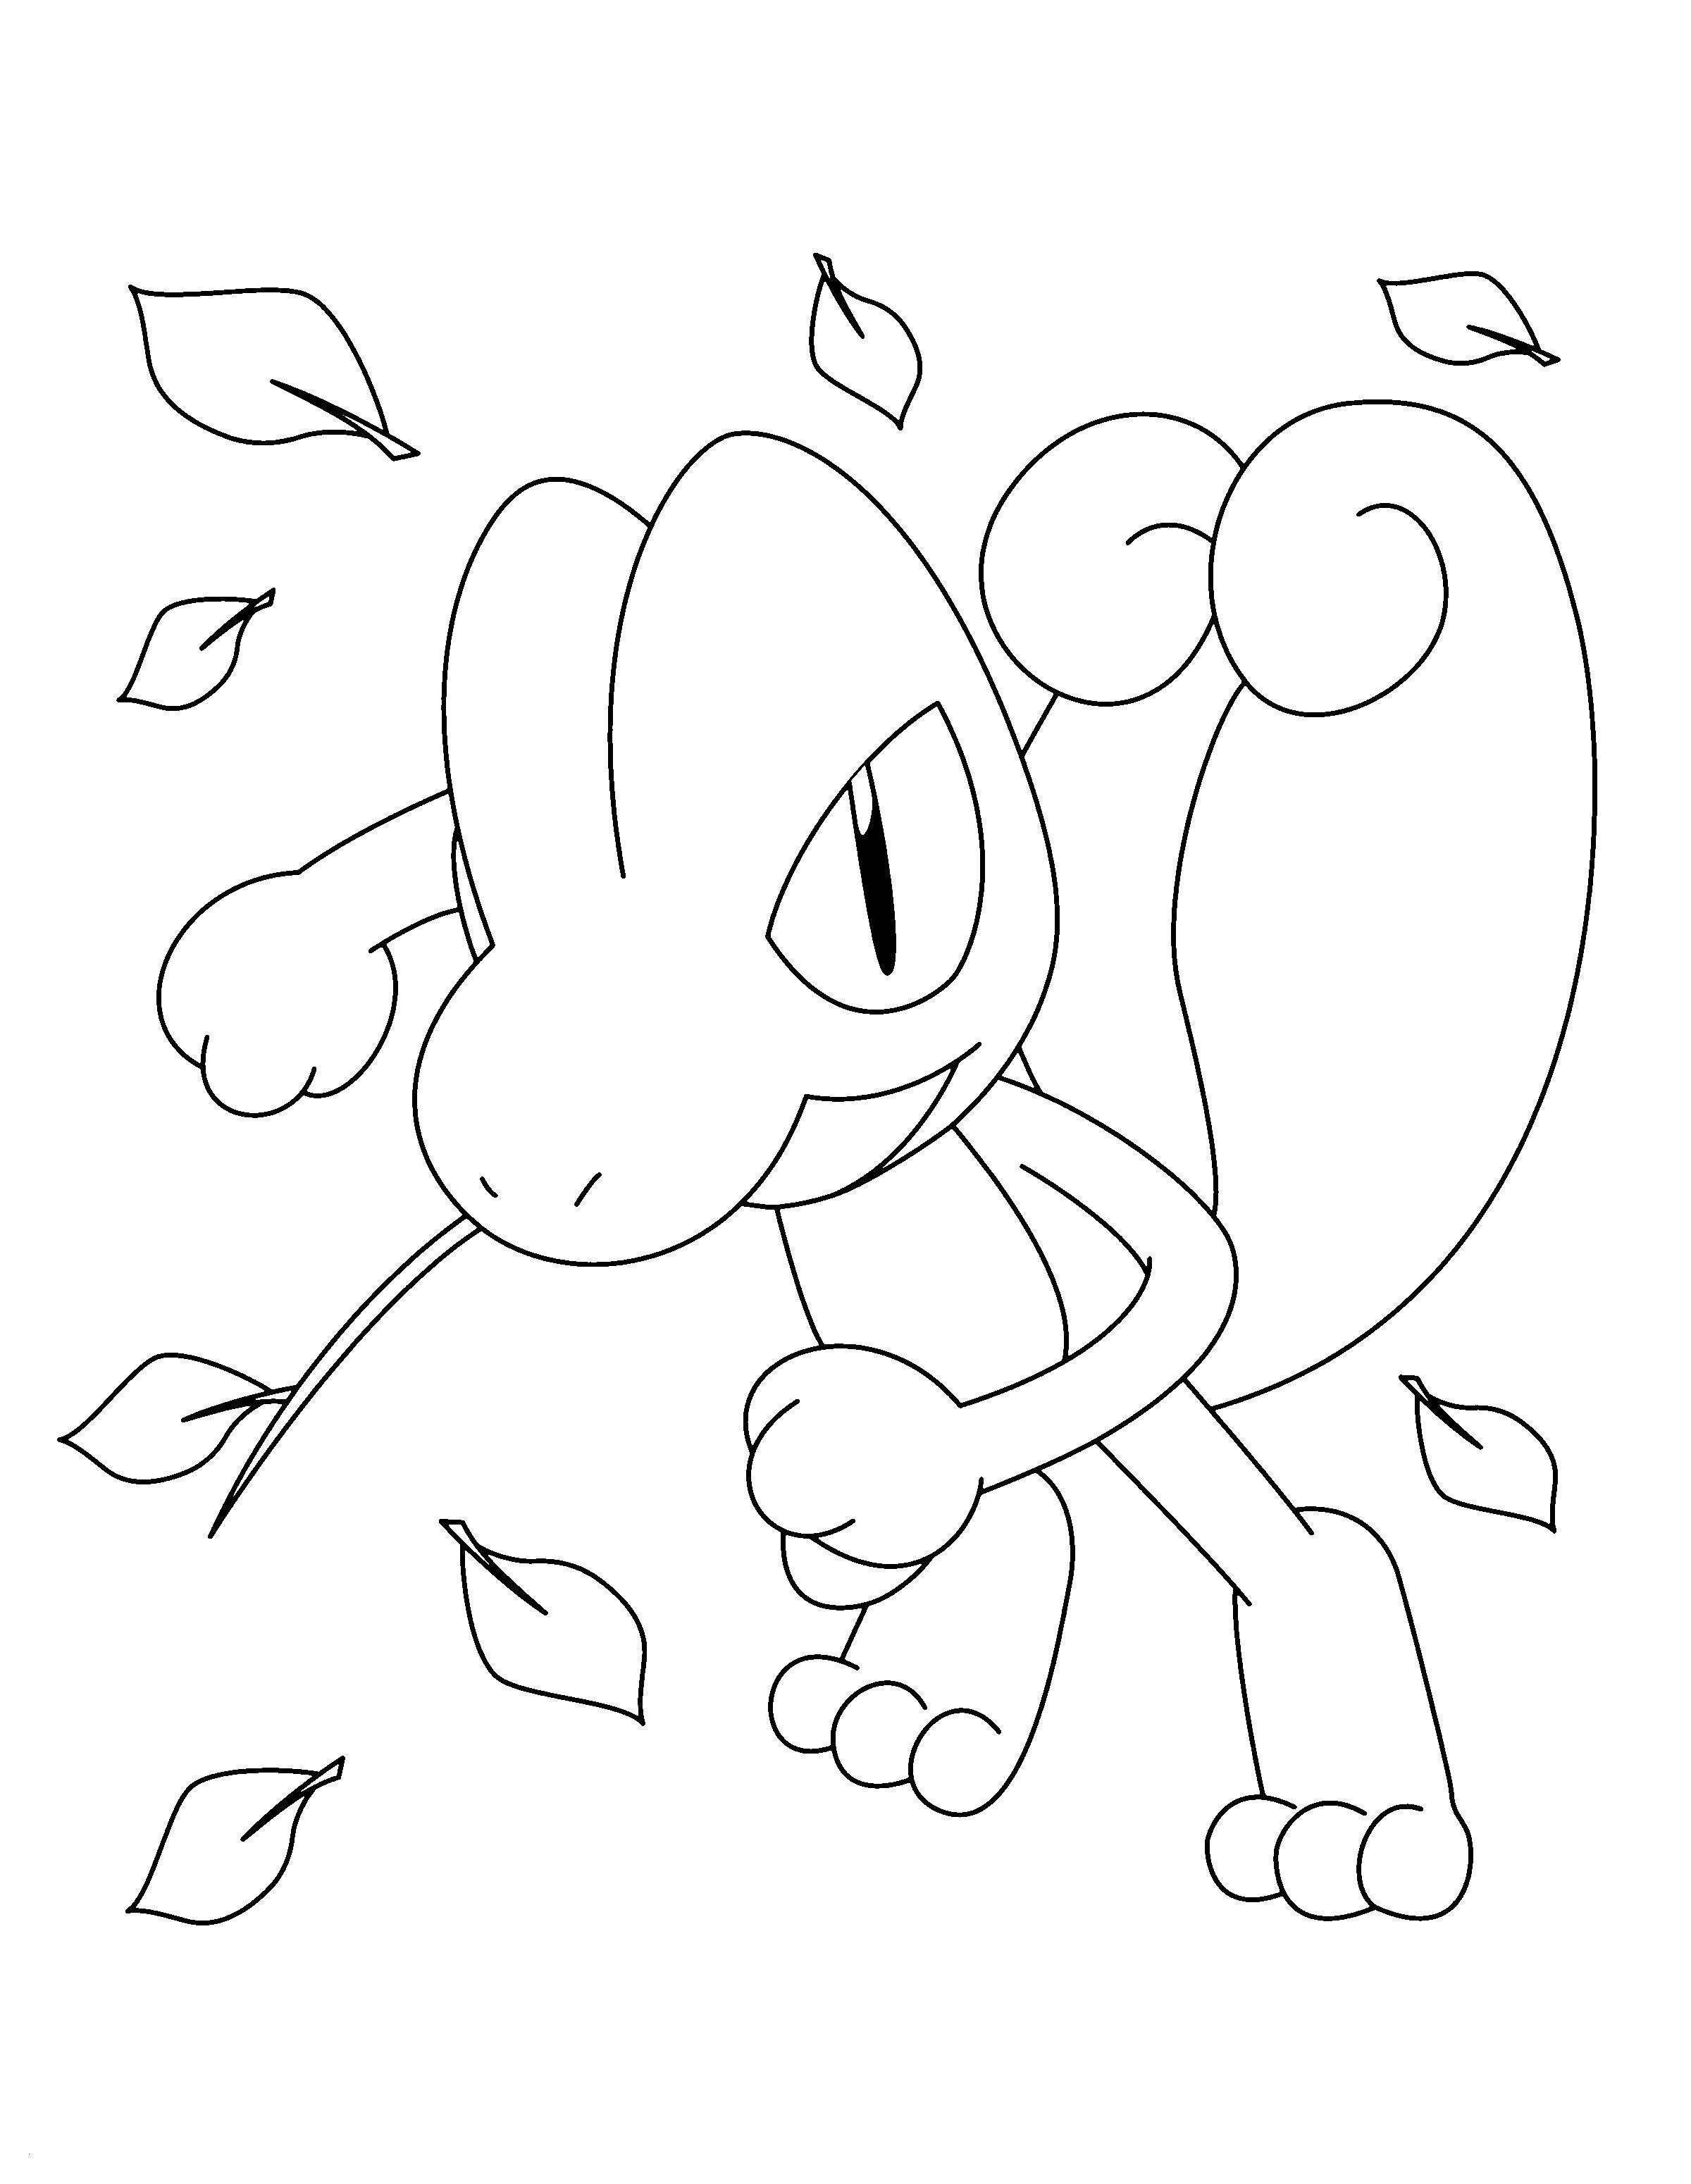 6 Pokemon Ausmalbilder Xy - Besten Bilder von ausmalbilder